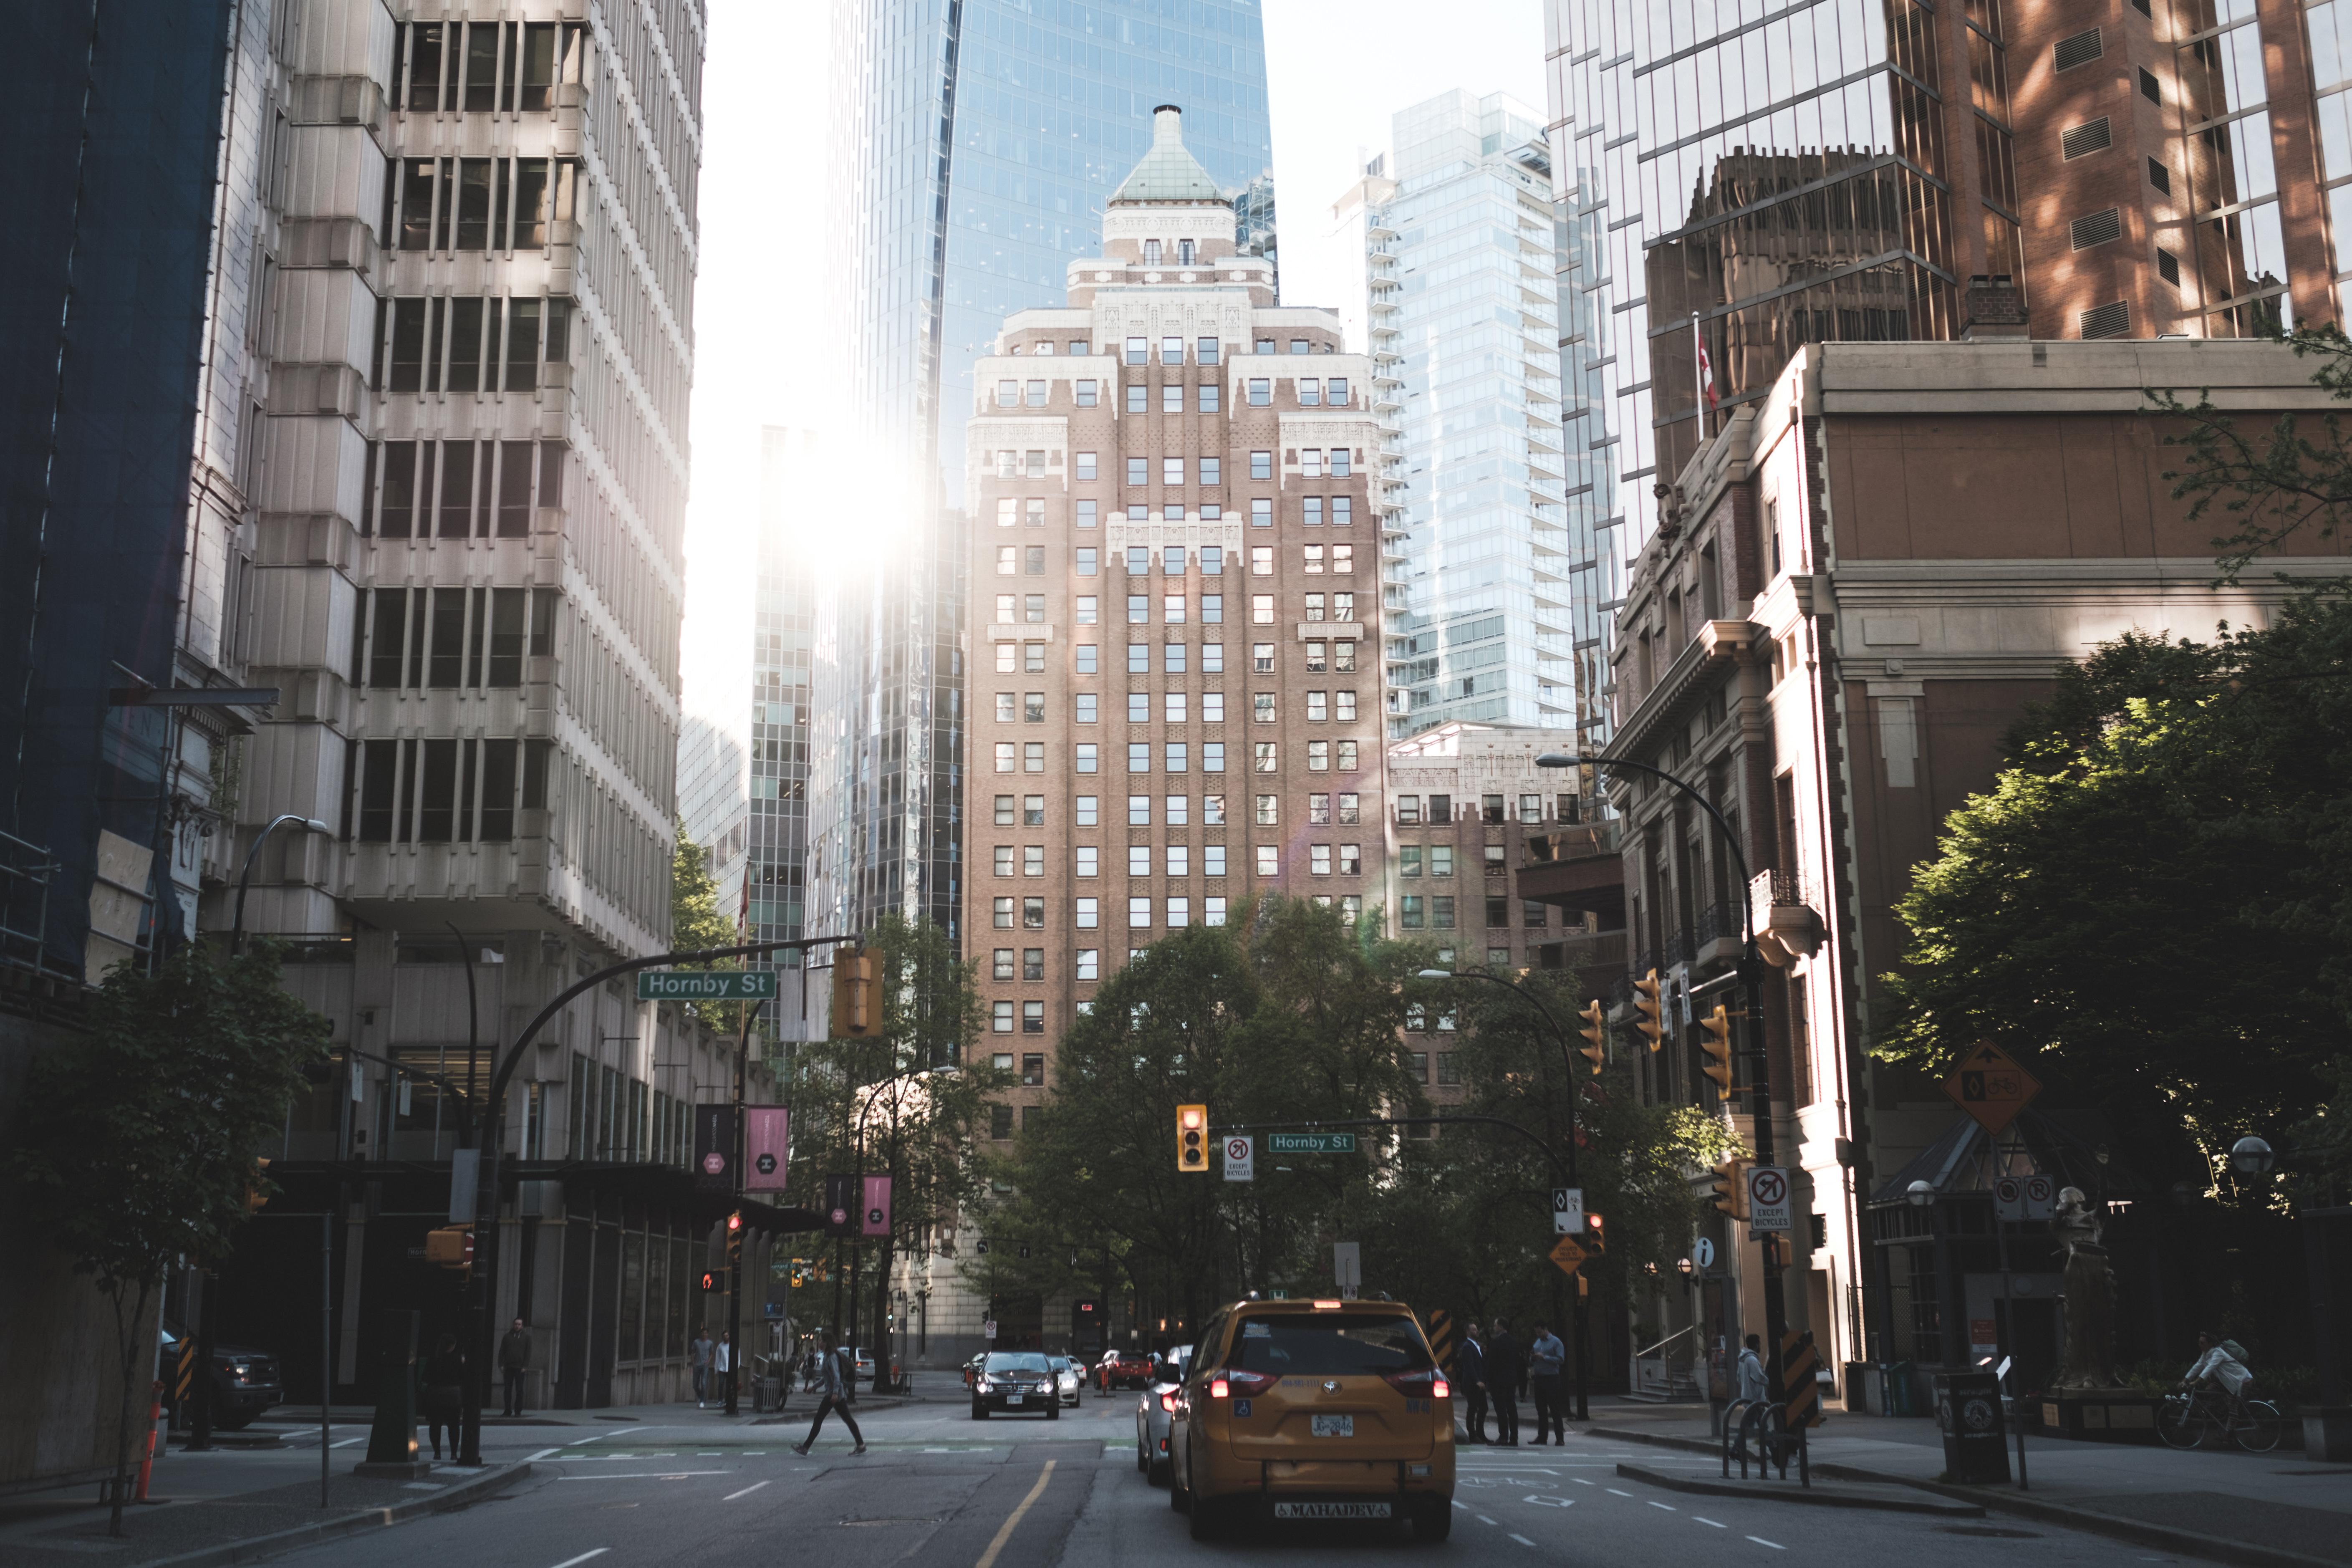 Capture City Architecture